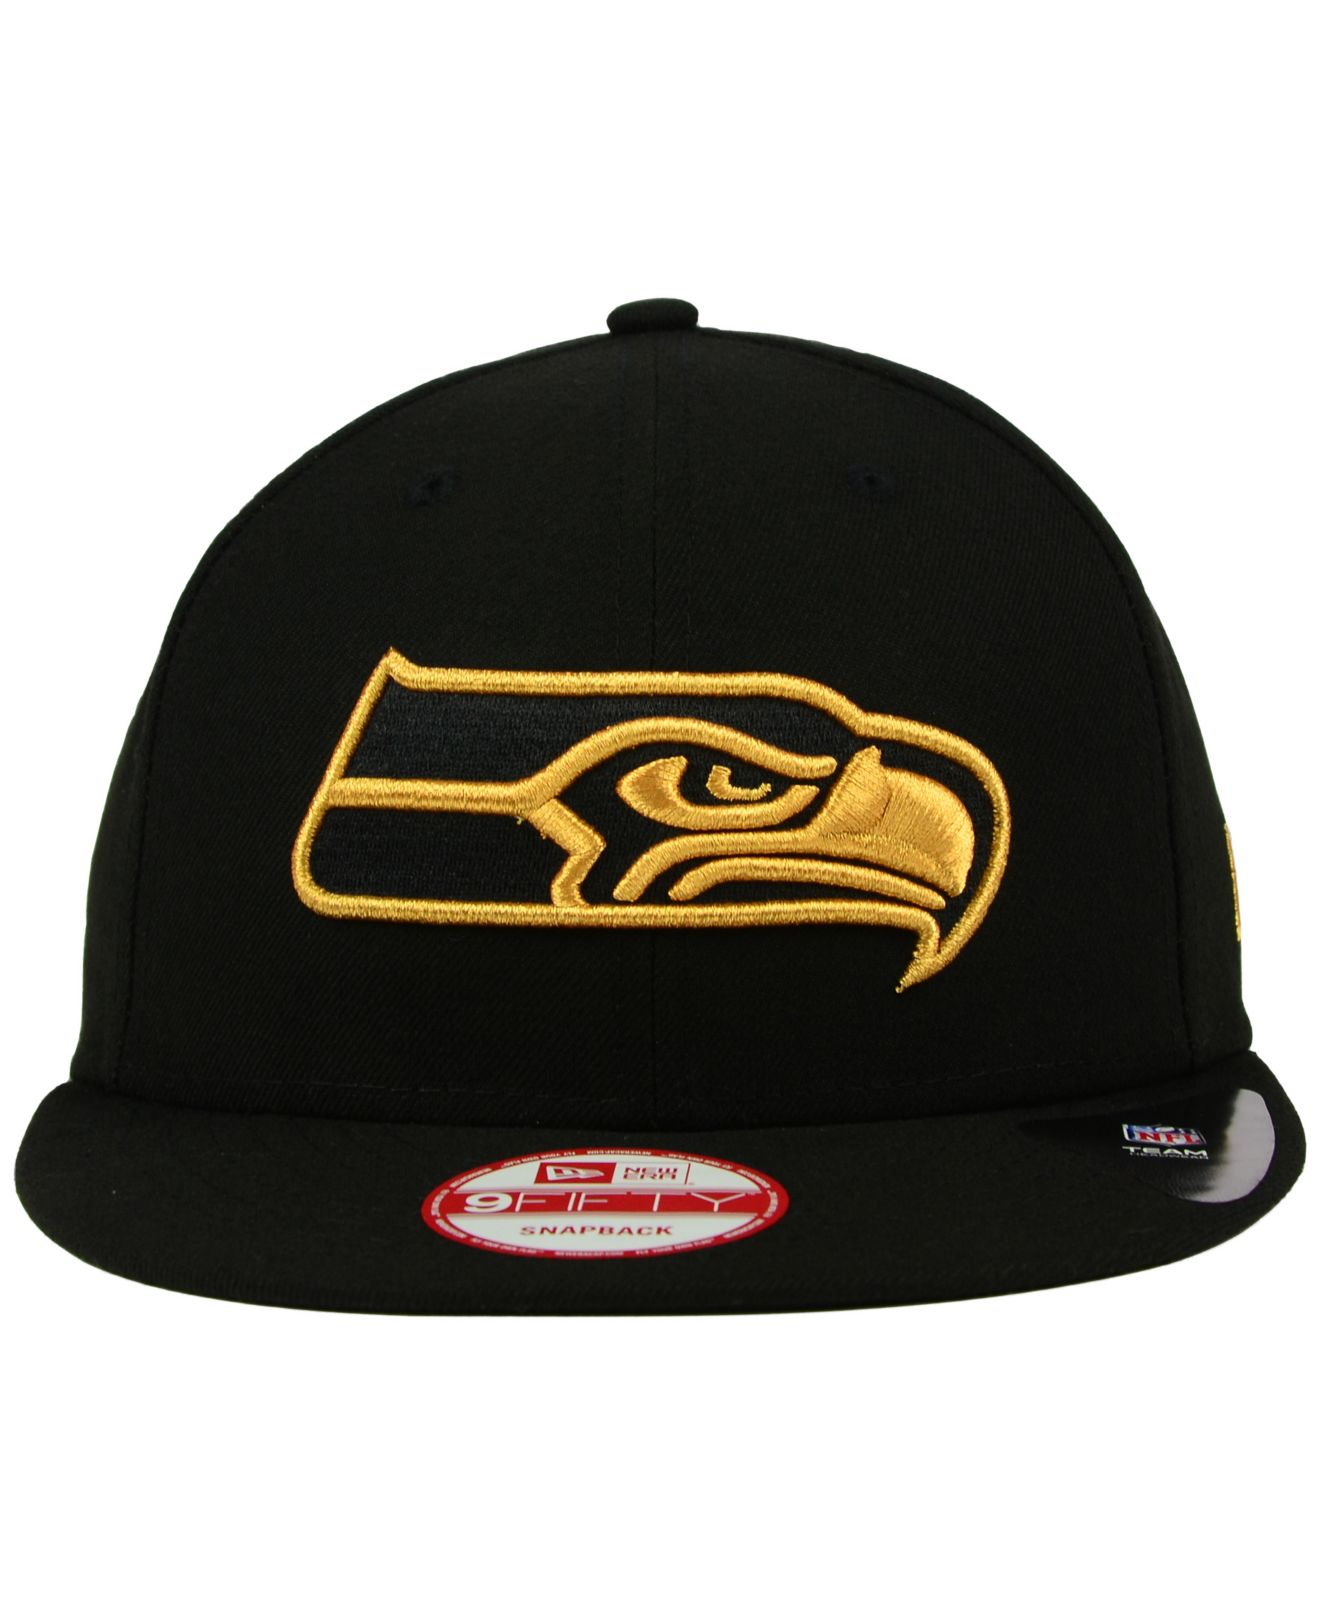 Lyst - KTZ Seattle Seahawks Black Metallic Gold 9fifty Snapback Cap ... cc308d6279e